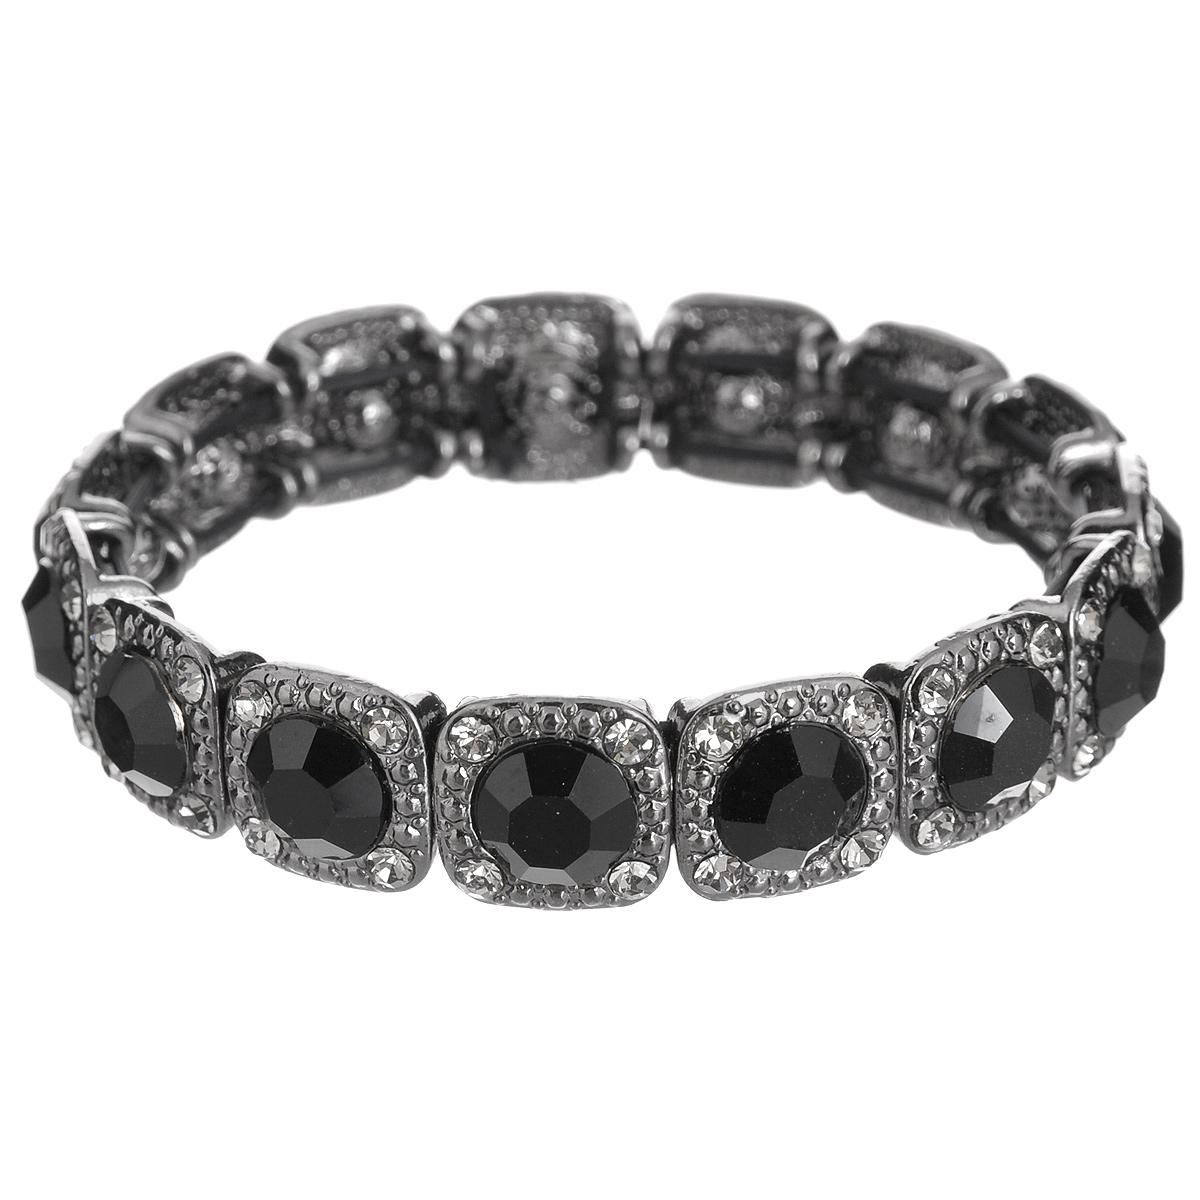 Браслет Taya, цвет: черный. T-B-6255T-B-6255-BRAC-HM.JETСтильный браслет Taya выполнен из металла и оформлен стразами. Элементы браслета соединены с помощью тонкой резинки, благодаря этому он легко одевается и снимается. Размер браслета универсальный. Браслет Taya - это модный стильный аксессуар, призванный подчеркнуть индивидуальность и очарование его обладательницы.